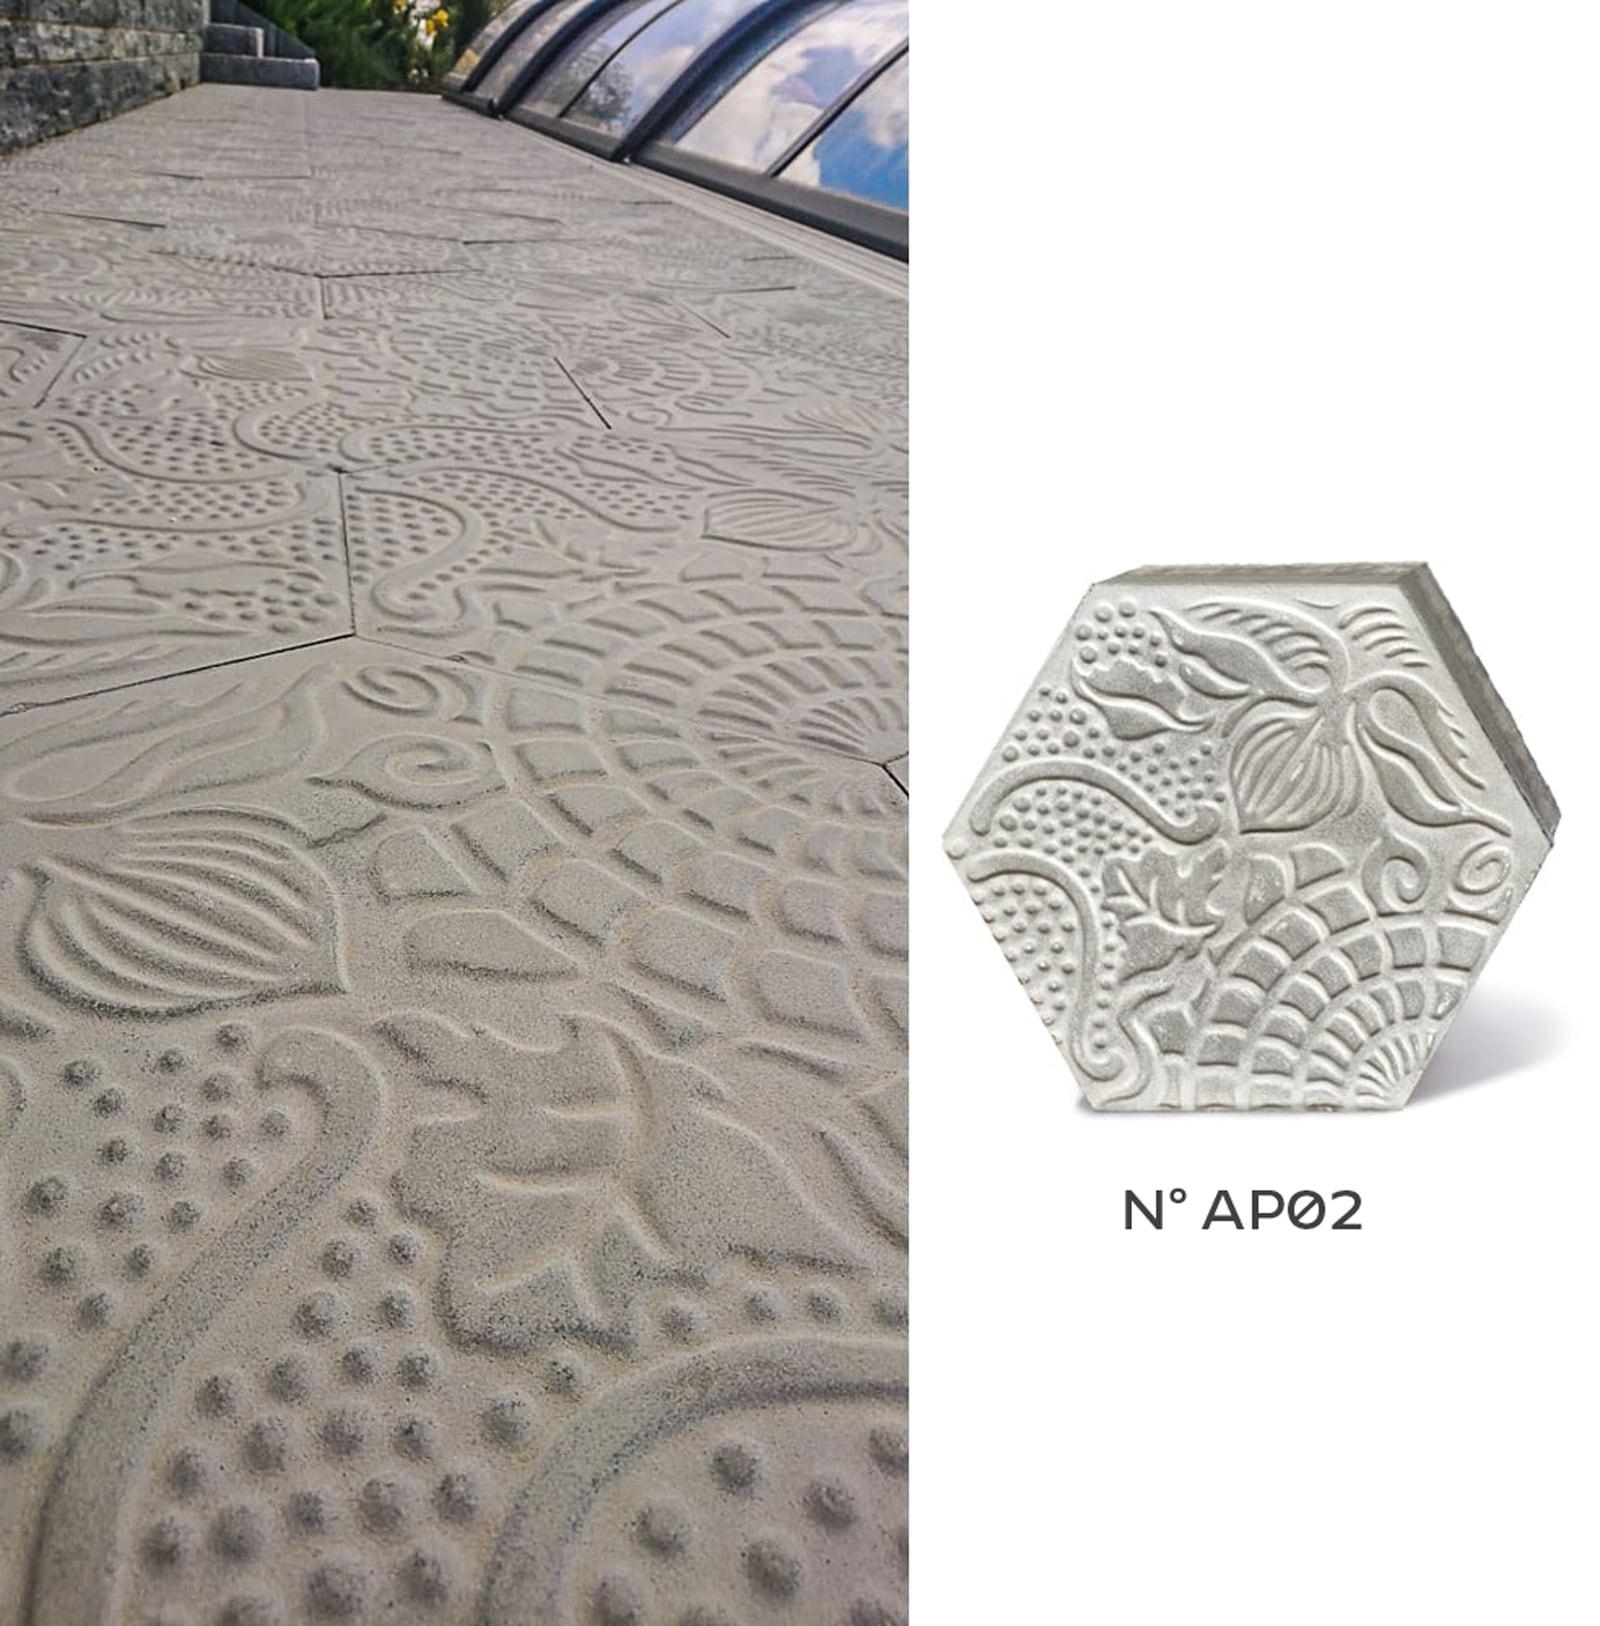 trottoirplatten-AP02-schwimmbad©buchner-via-gmbh-mit Einzelplatte-viaplatten |